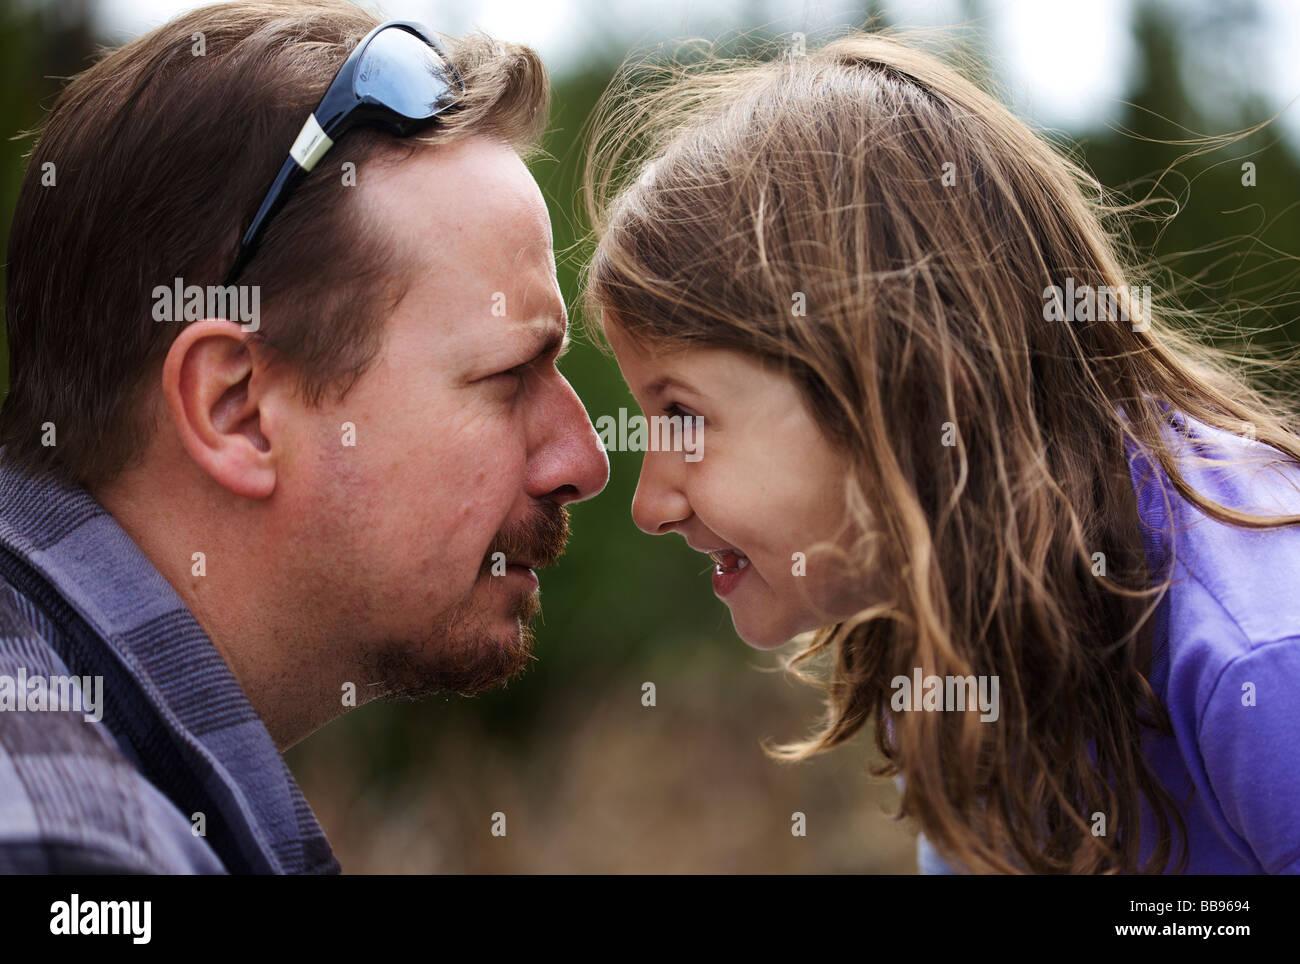 Feliz joven protagonizada por cada otros alegremente con su padre Imagen De Stock